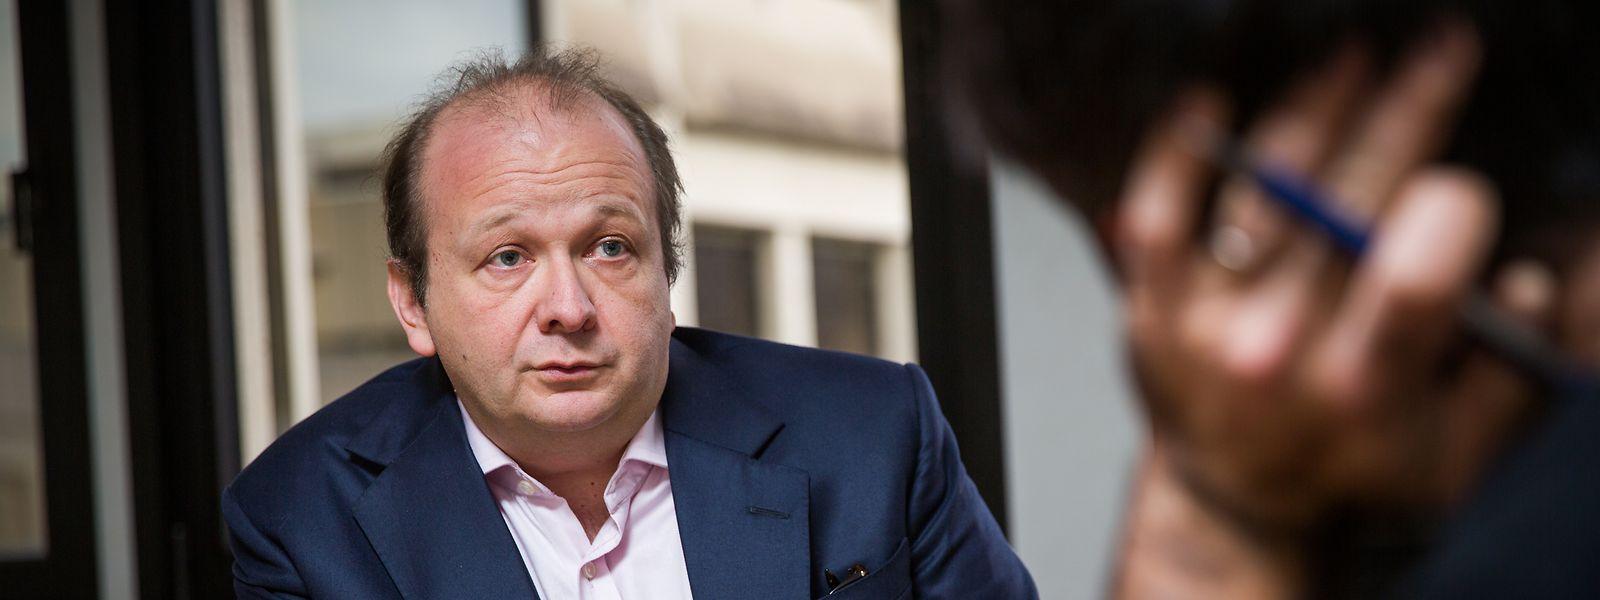 La société de l'ancien directeur opérationnel du Service de renseignement de l'Etat luxembourgeois avait les faveurs de la BEI. Malgré l'odeur de soufre entourant le personnage.